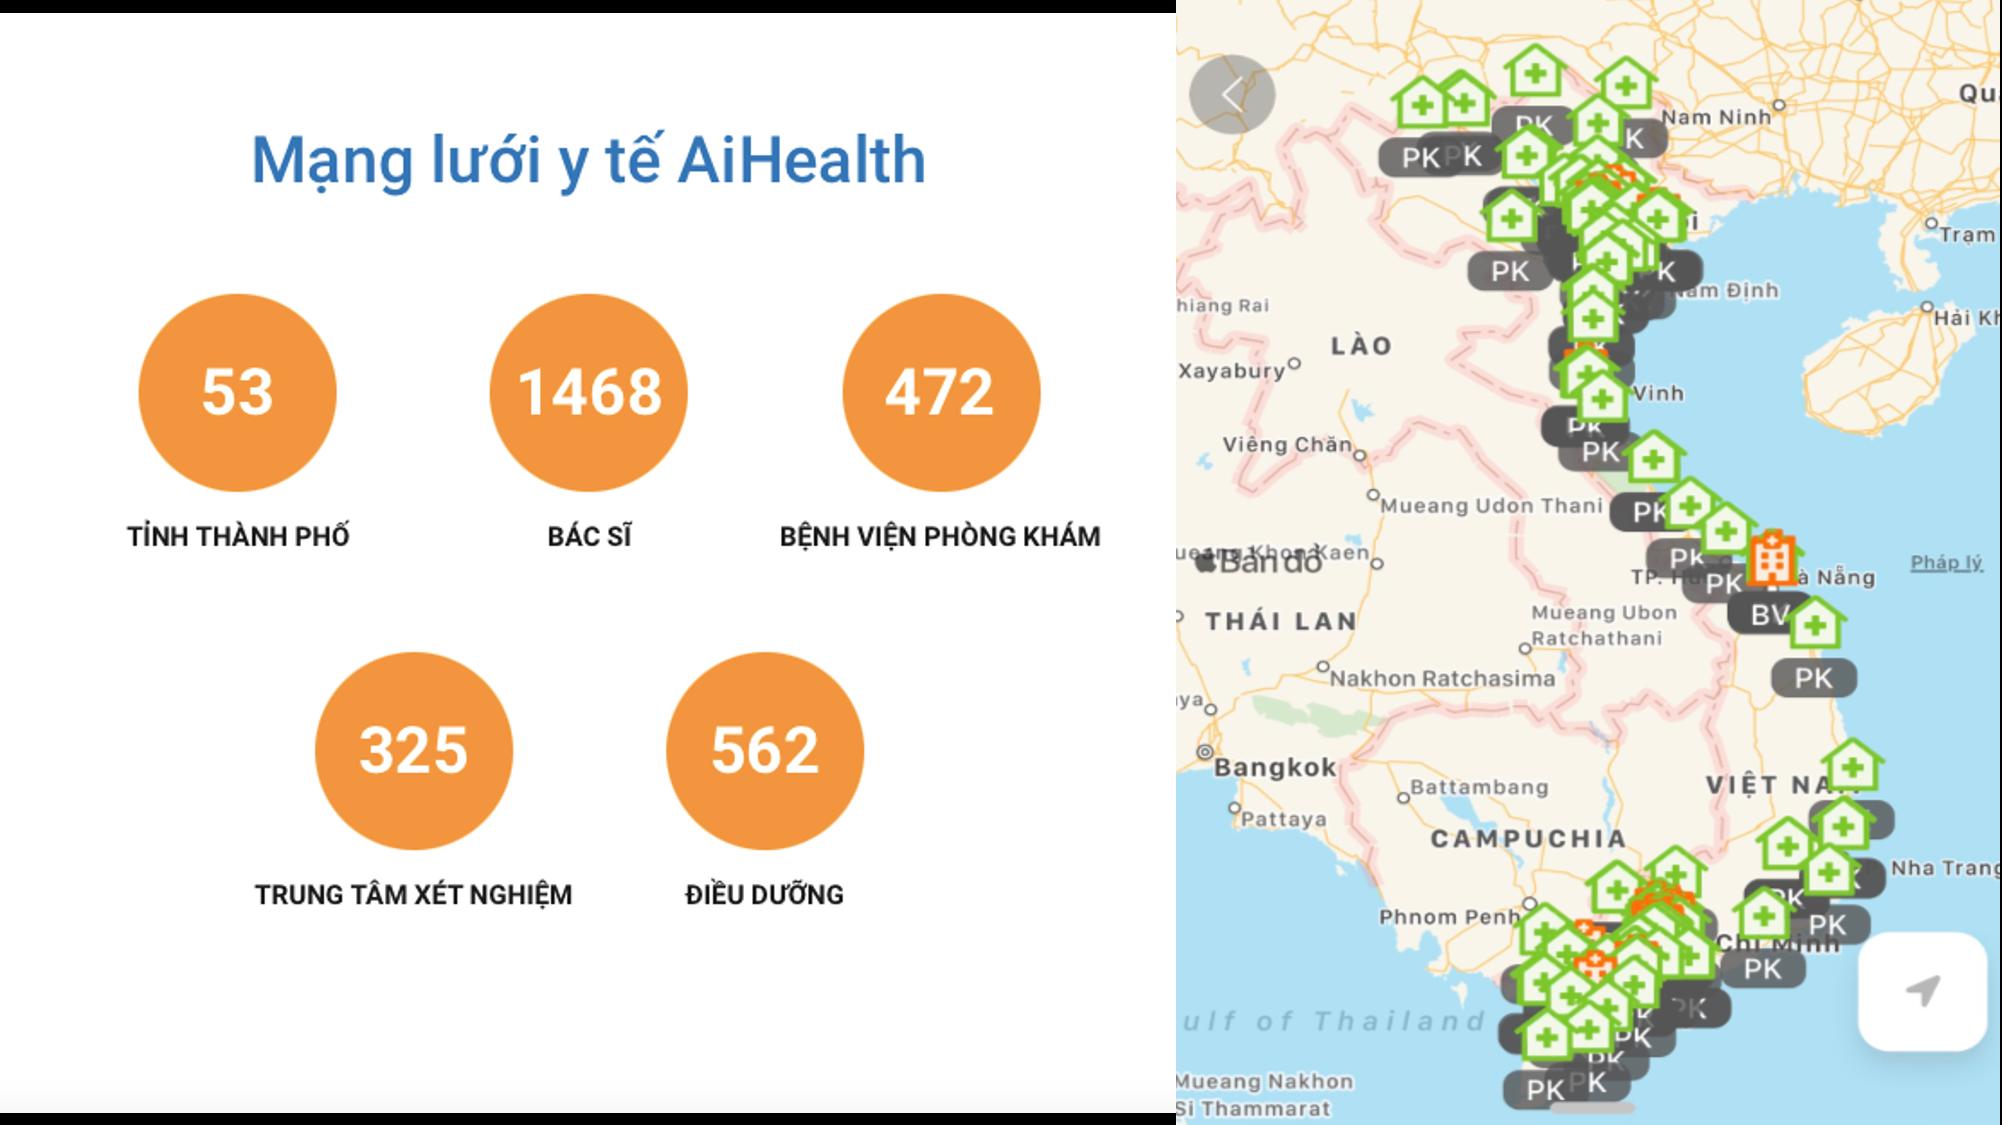 Trải nghiệm dịch vụ đa dạng trên ứng dụng AiHealth